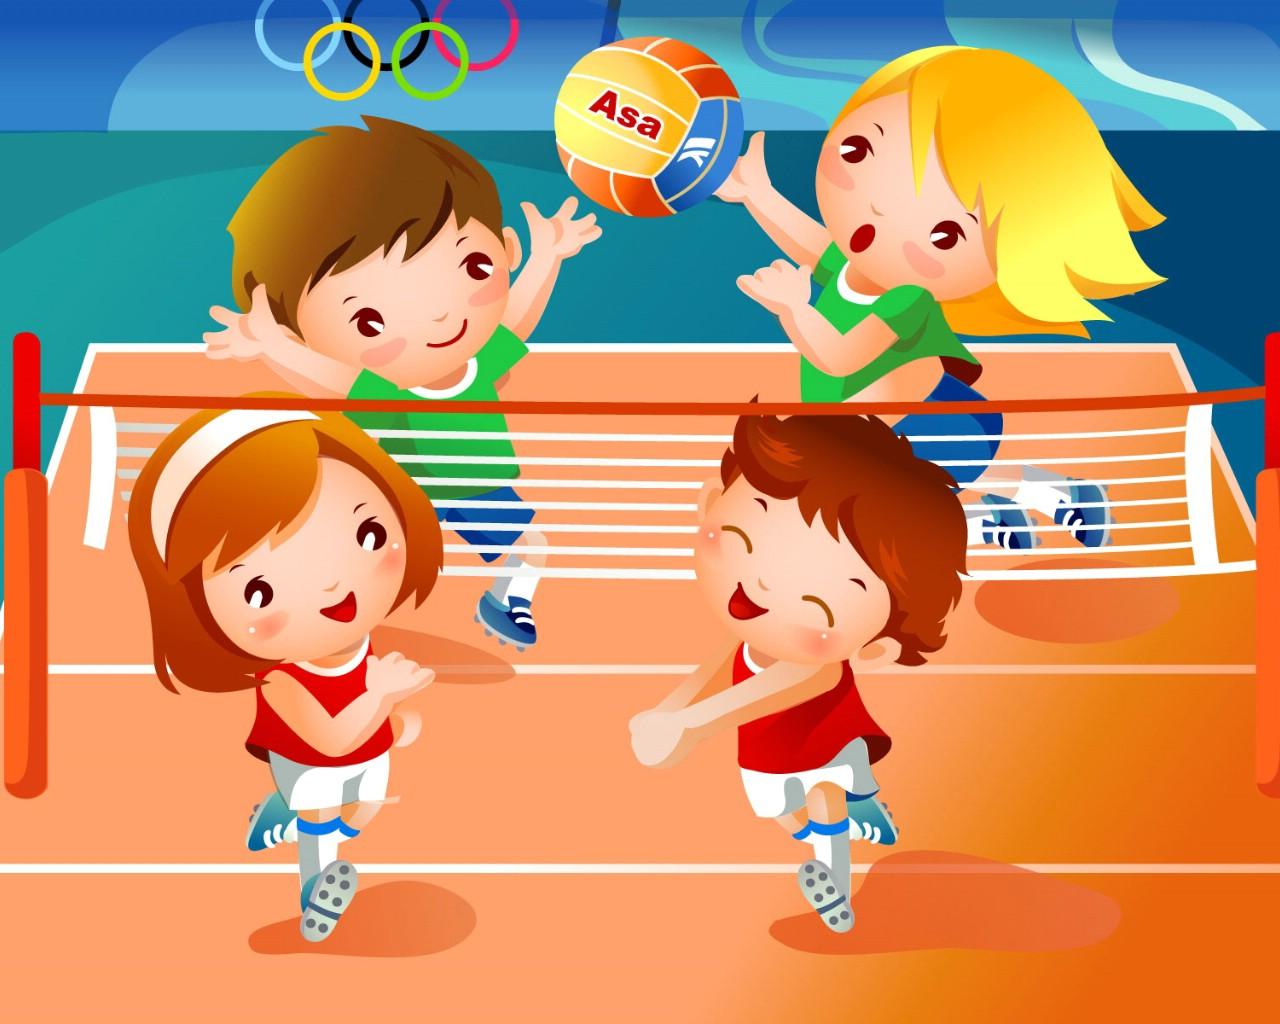 儿童运动会 儿童排球运动卡通图片 高清图片